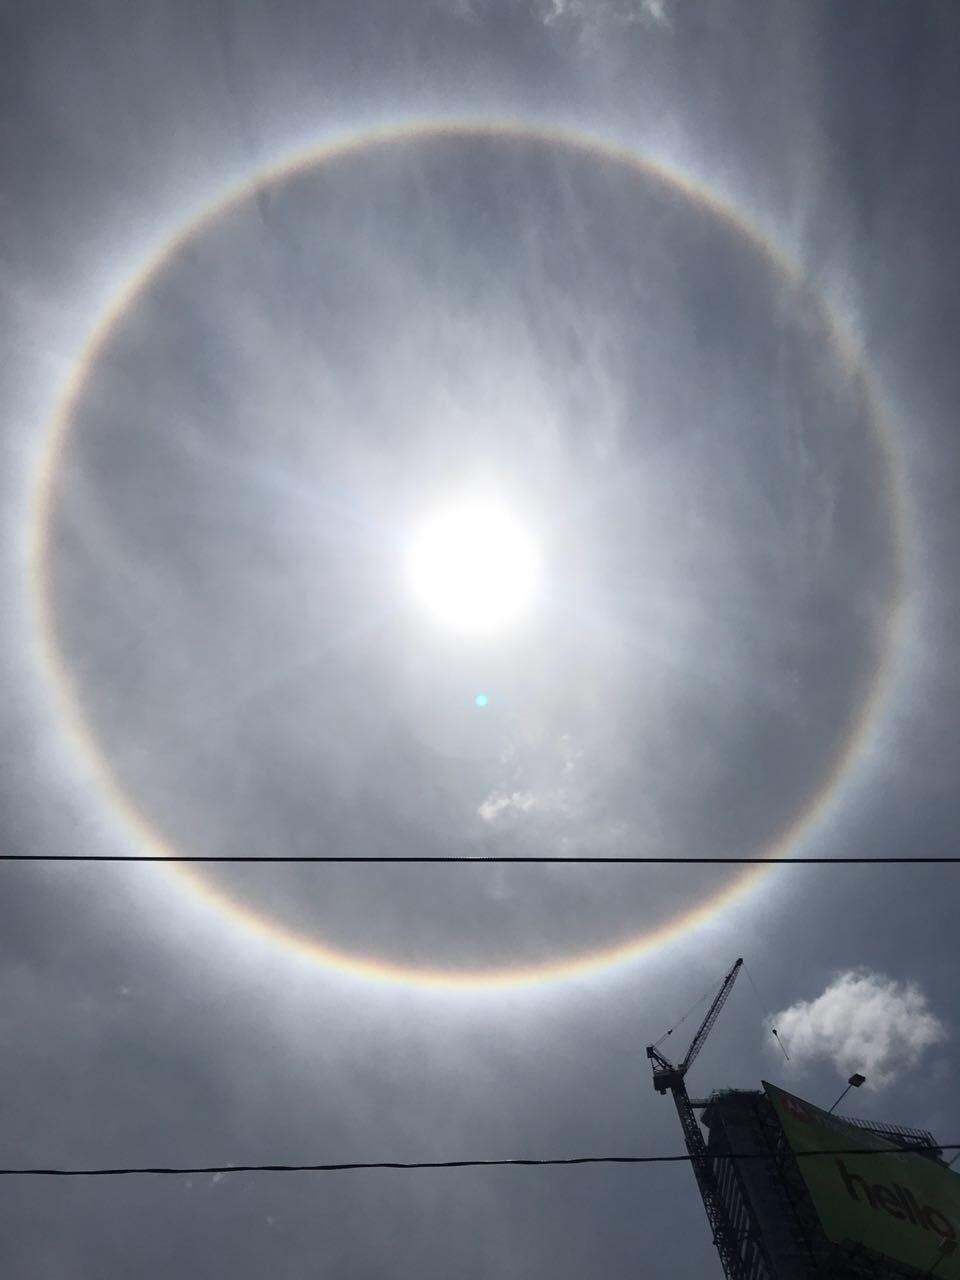 Qué es halo alrededor del sol arcoíris fenómeno natural